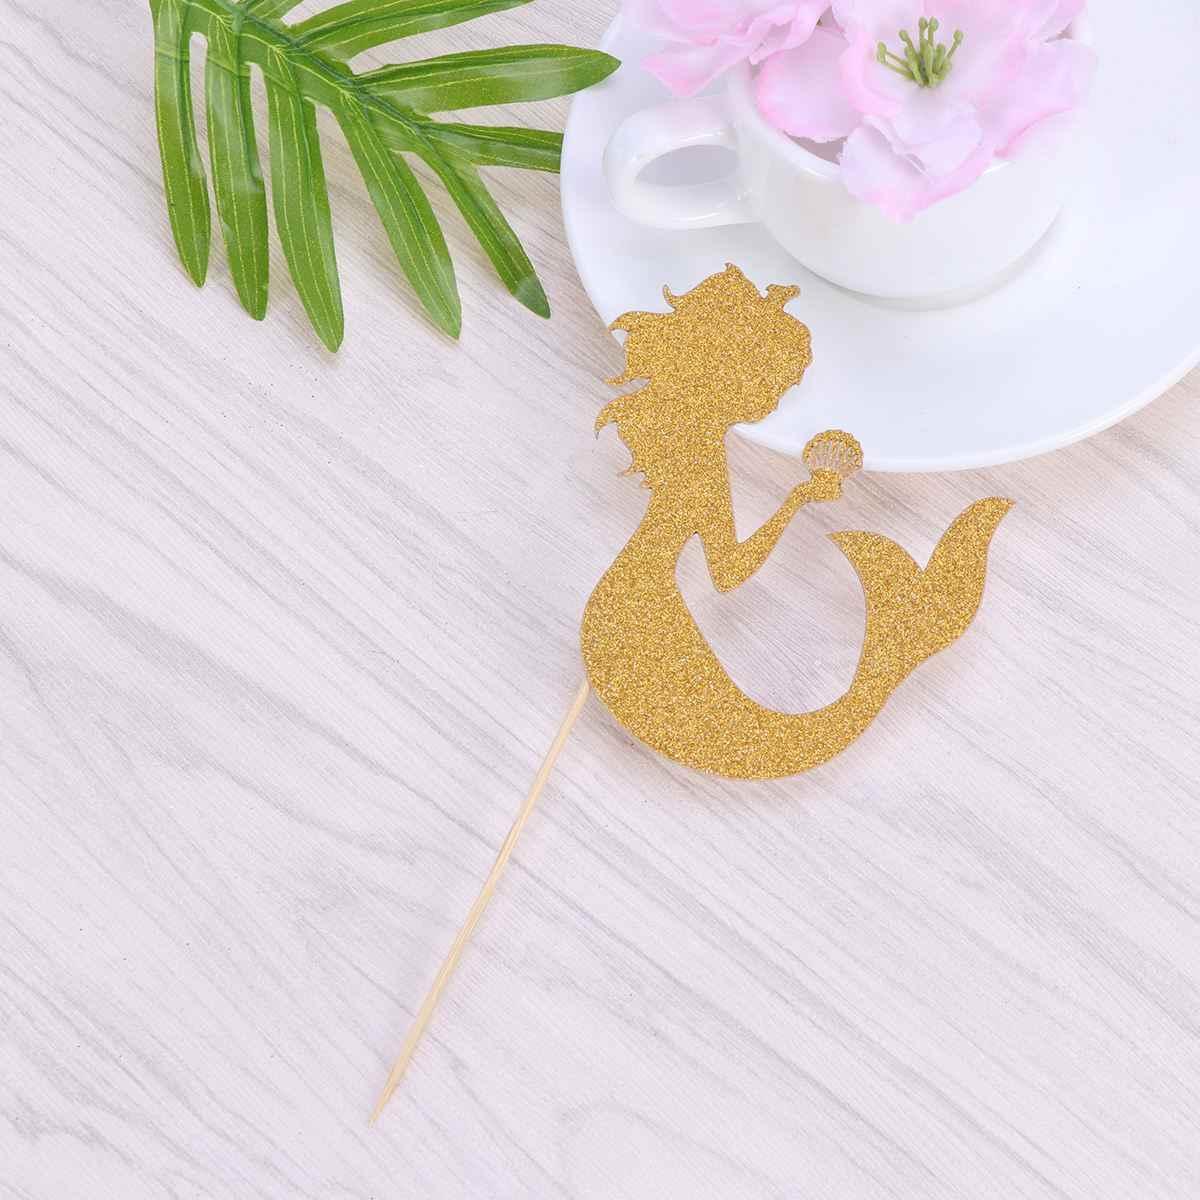 24 шт форма русалки блестящая бумага торт вставляющаяся карта торт кекс Decoration украшение (Золотой, бамбуковый стиль палочки)